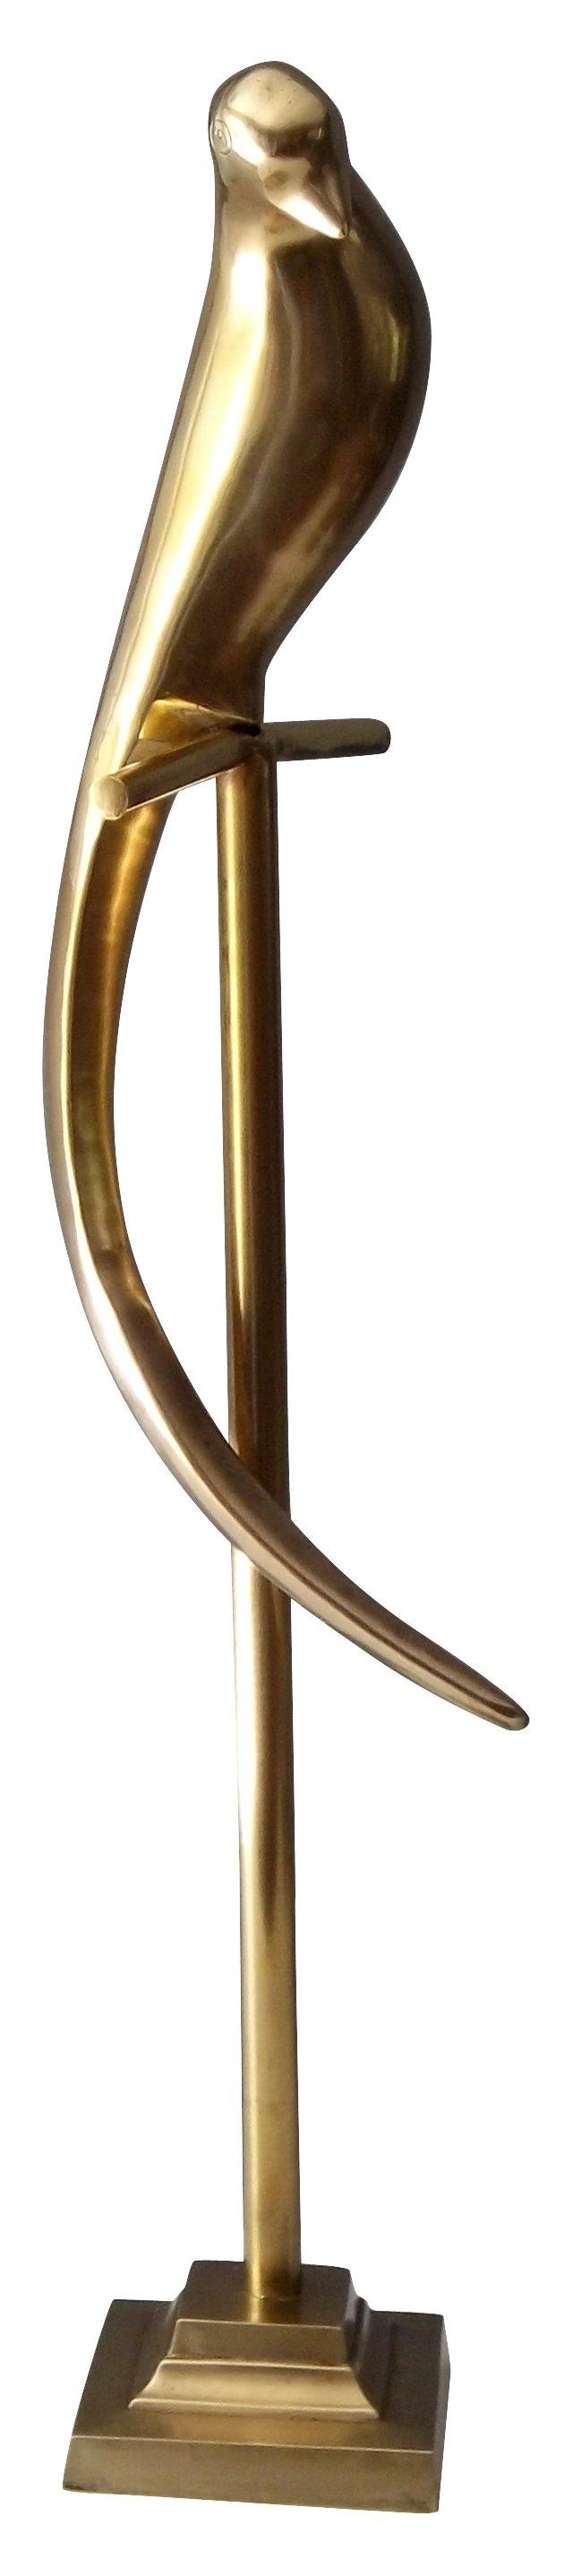 Brass Bird Sculpture on Perch